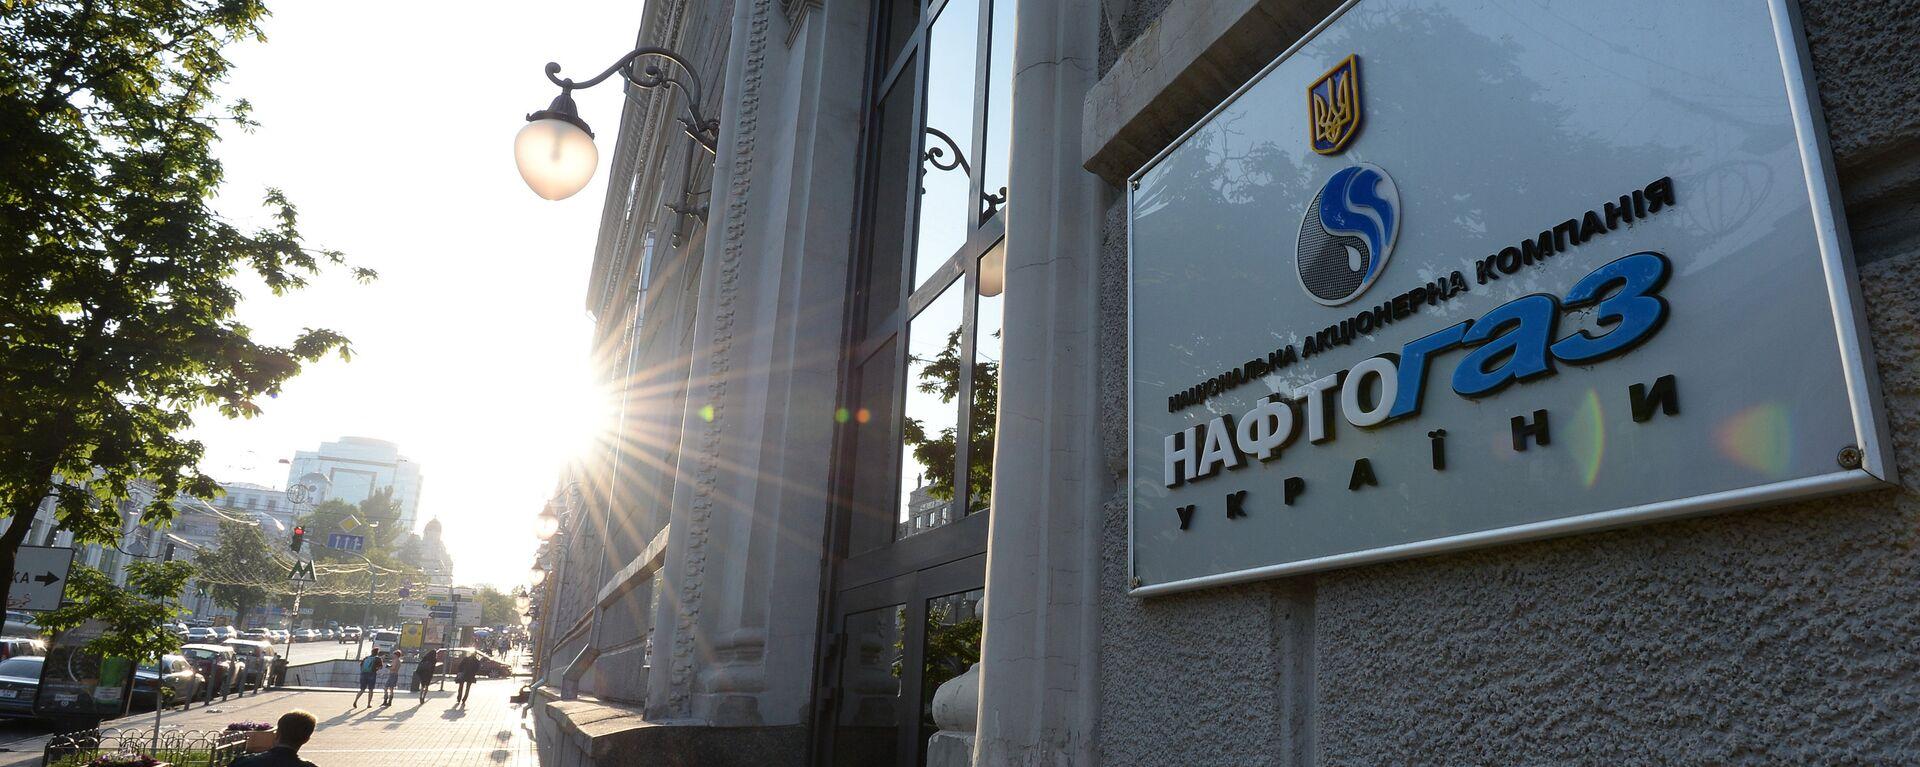 Вывеска НАК Нафтогаз Украины на административном здании в Киеве - Sputnik Латвия, 1920, 14.09.2021